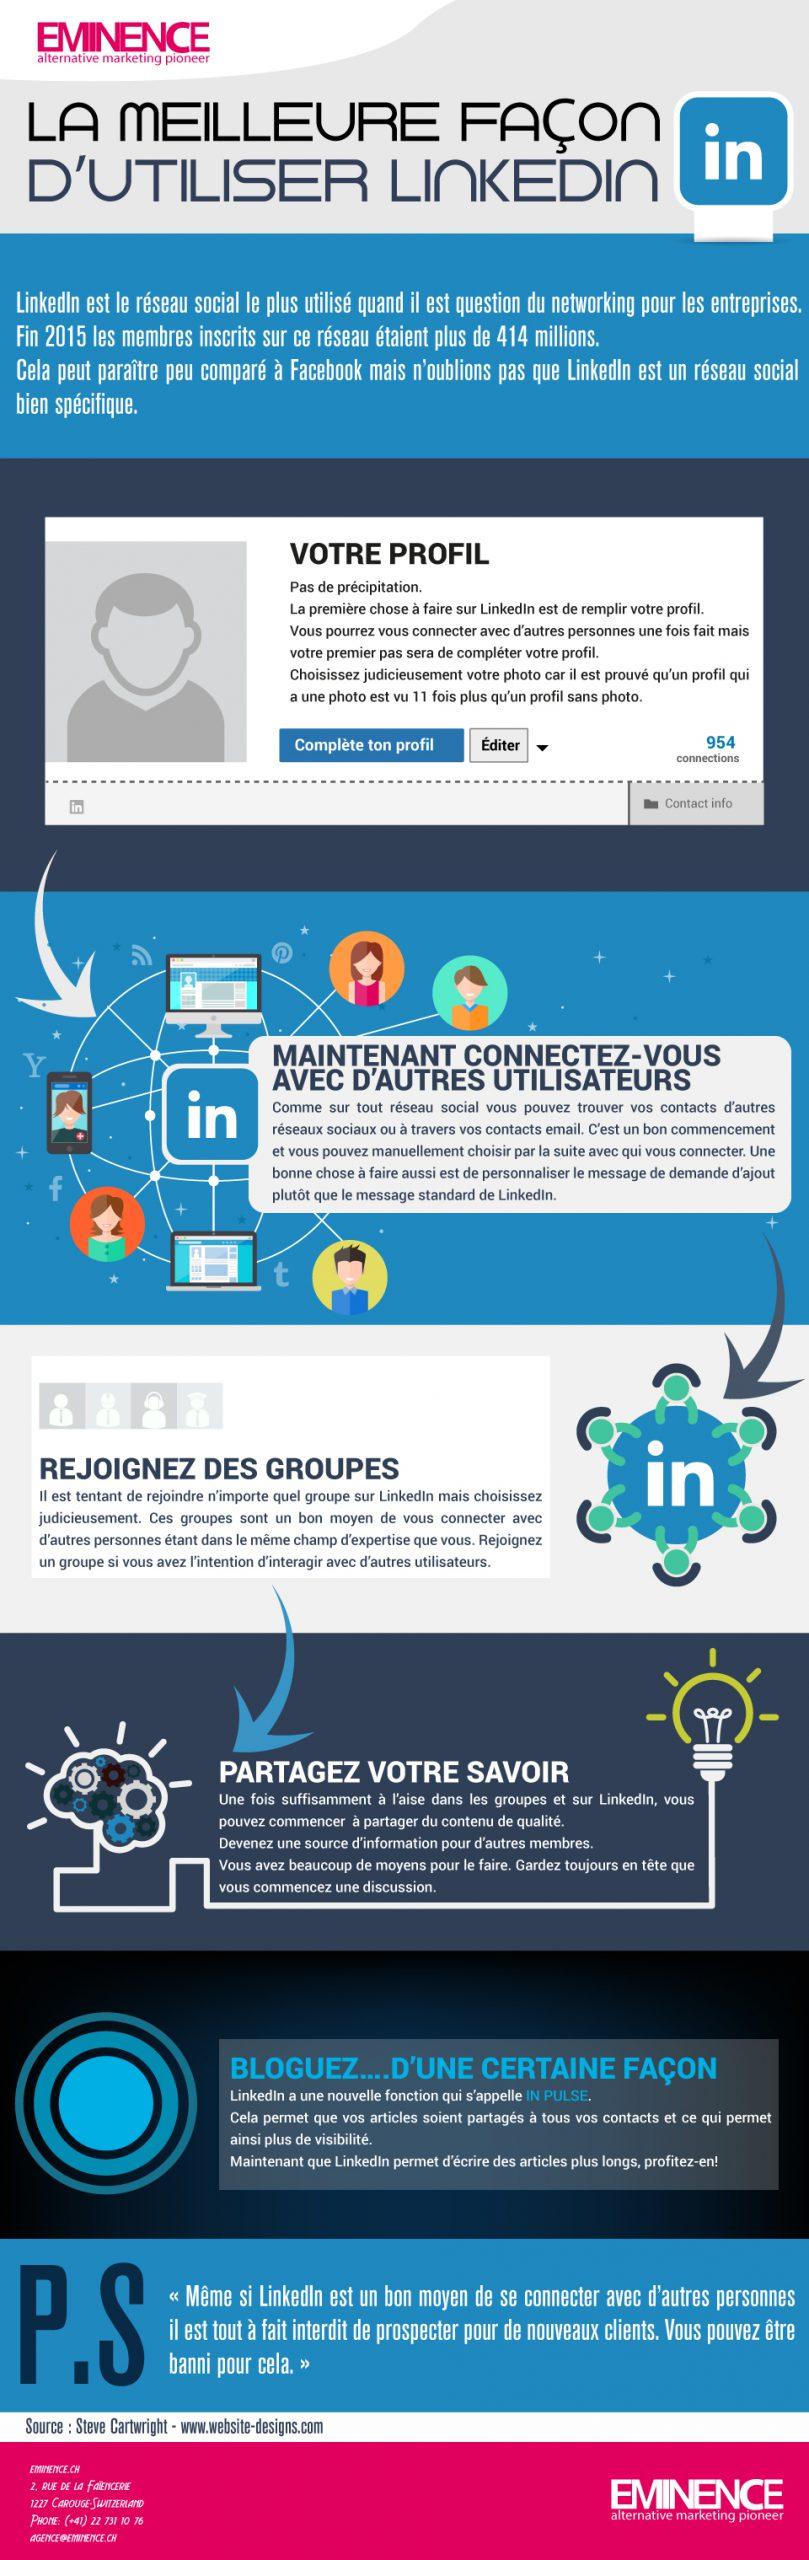 Infographie-#5-La-meilleure-façon-d'utiliser-LinkedIn-geneve